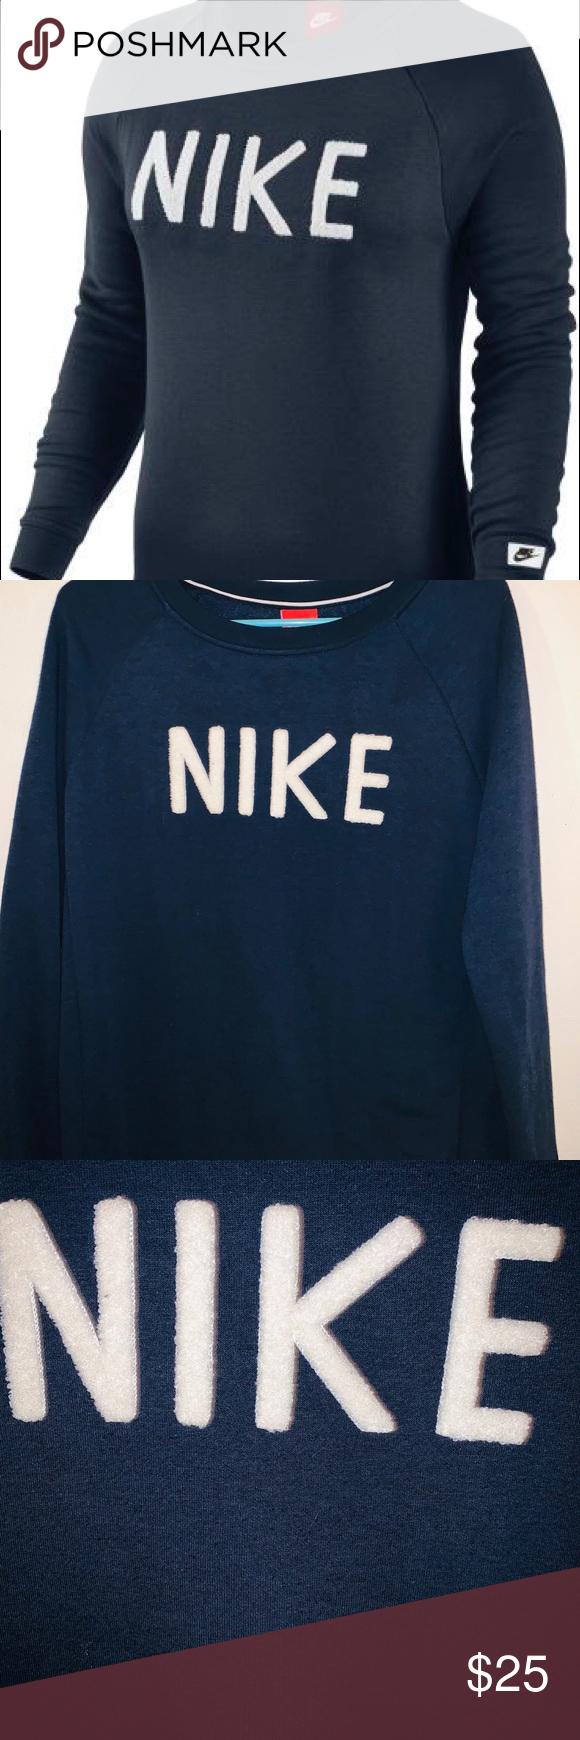 estoy de acuerdo con Brújula tolerancia  Nike Modern Crew Sweatshirt | Crew sweatshirts, Sweatshirts, Nike symbol